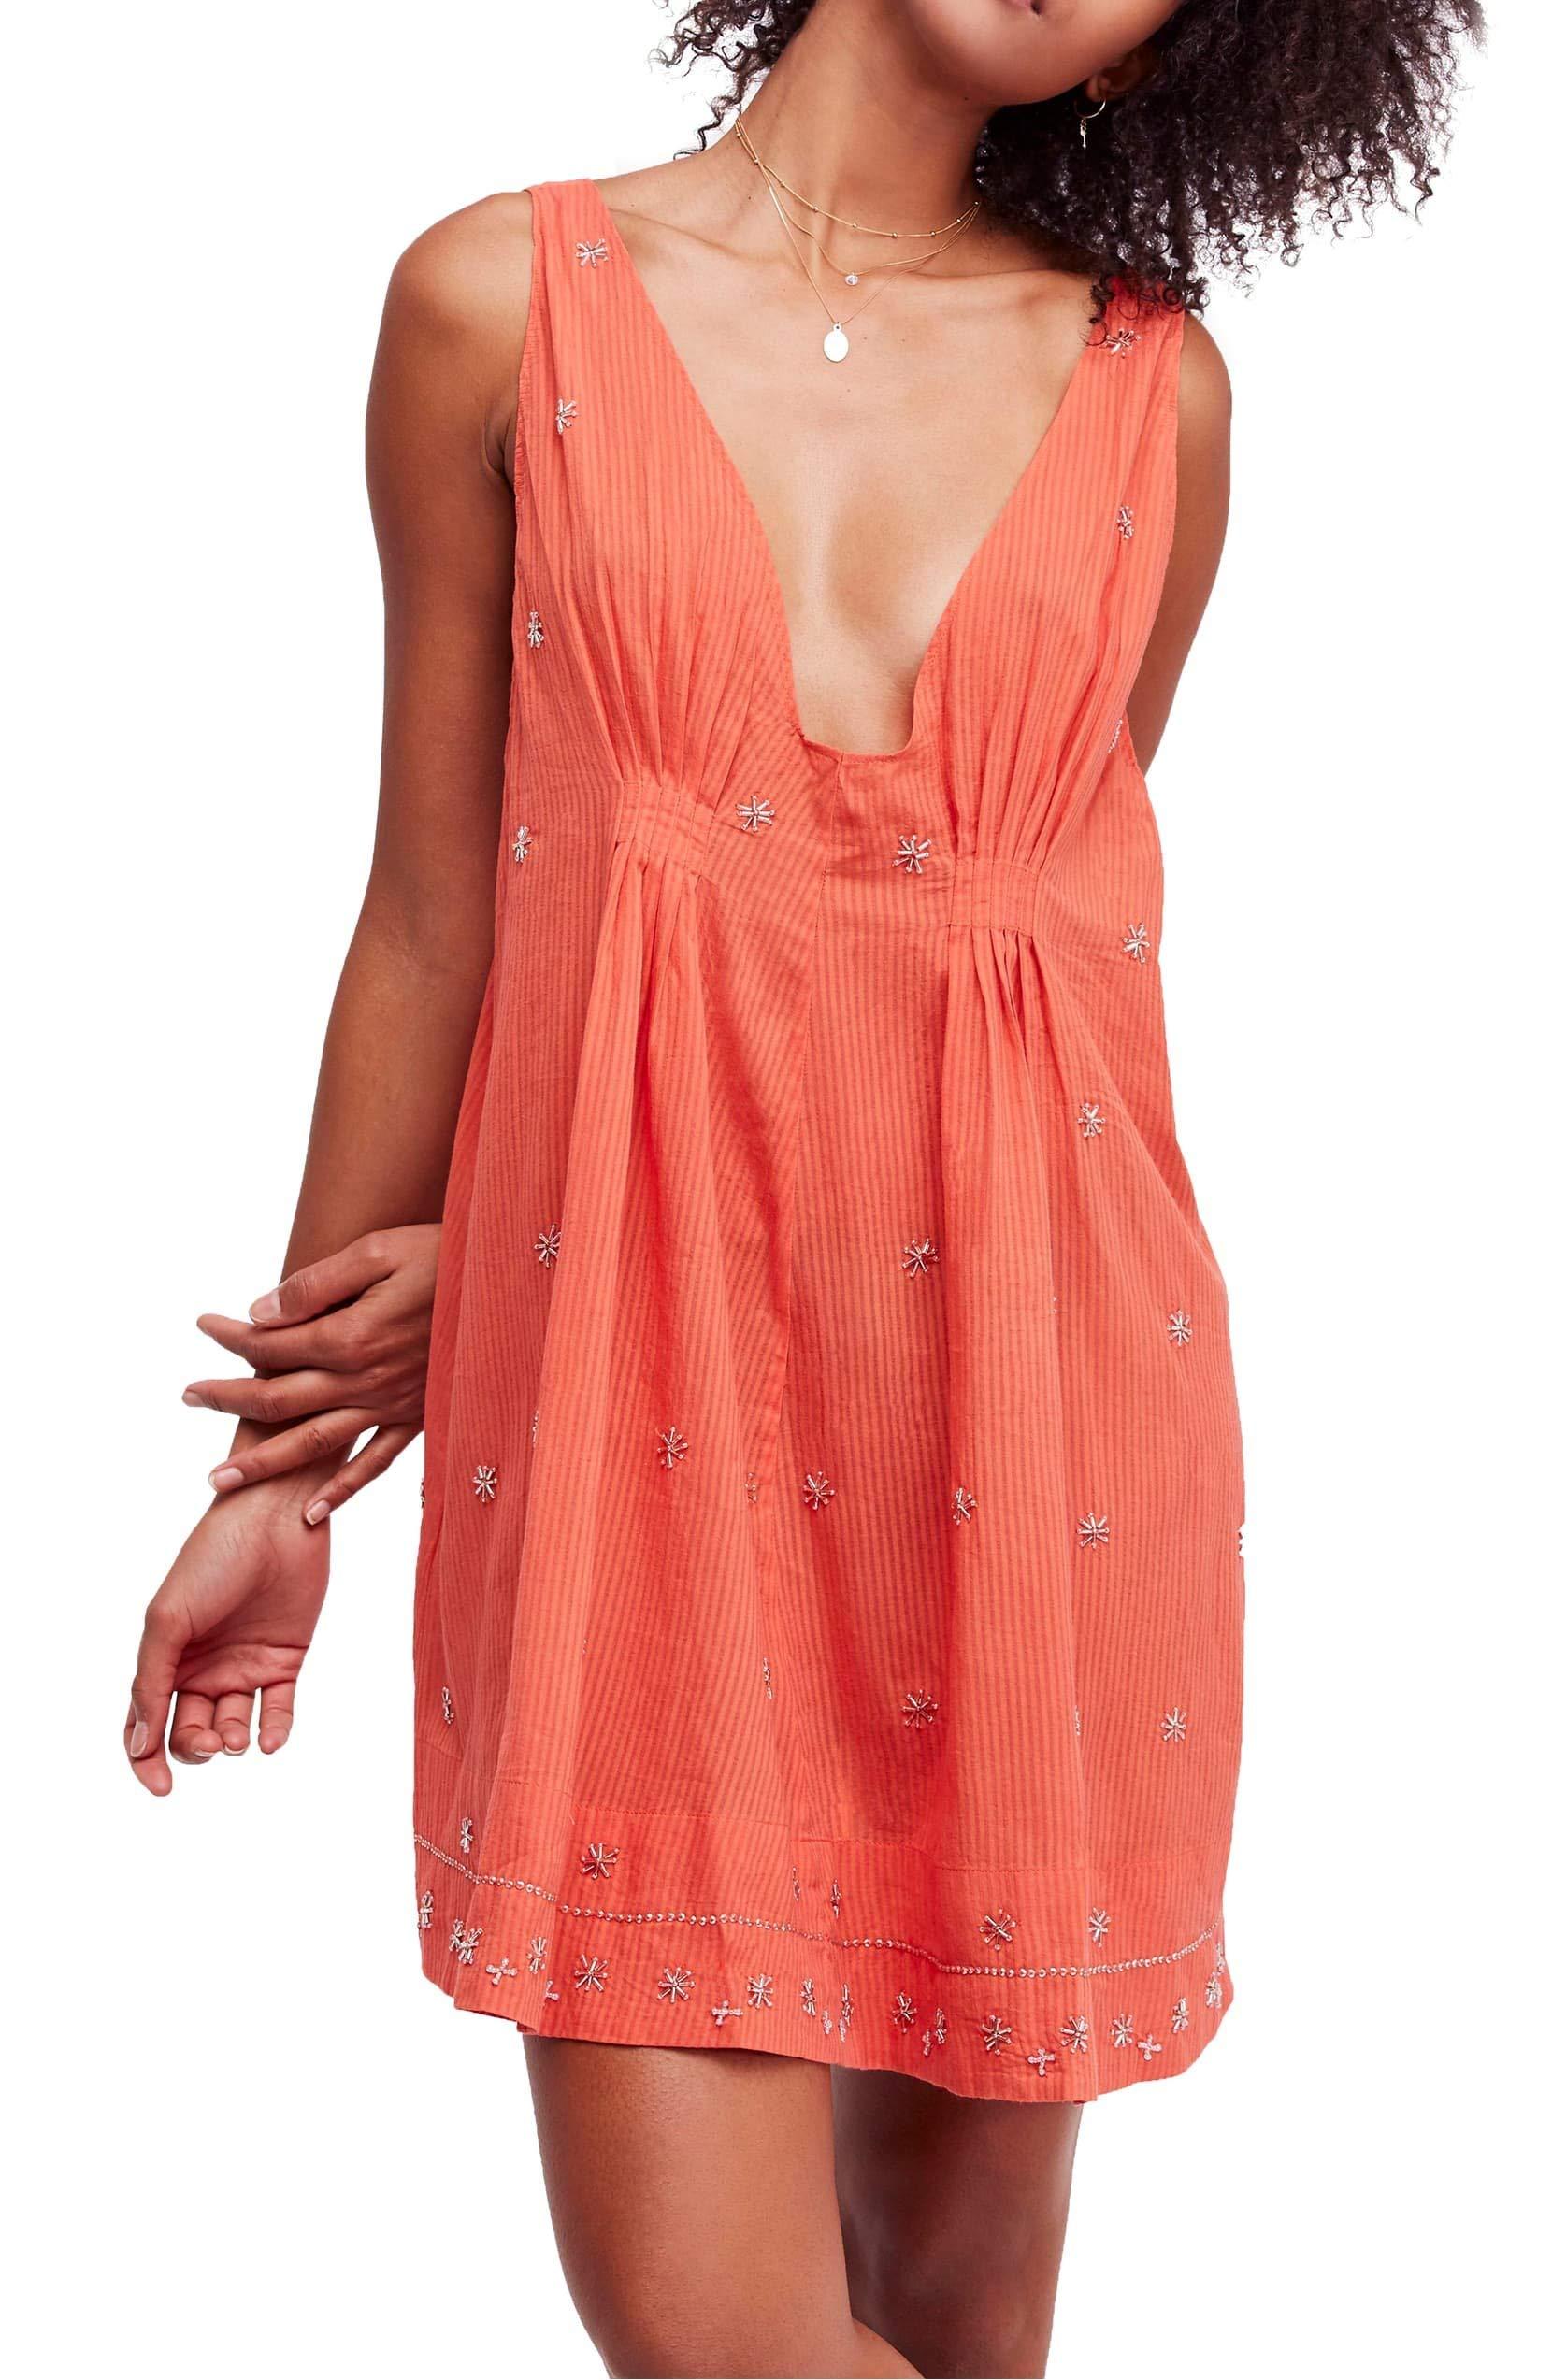 Available at Amazon: Free People Intimately Women's Crushin On You Beaded Boho Mini Dress